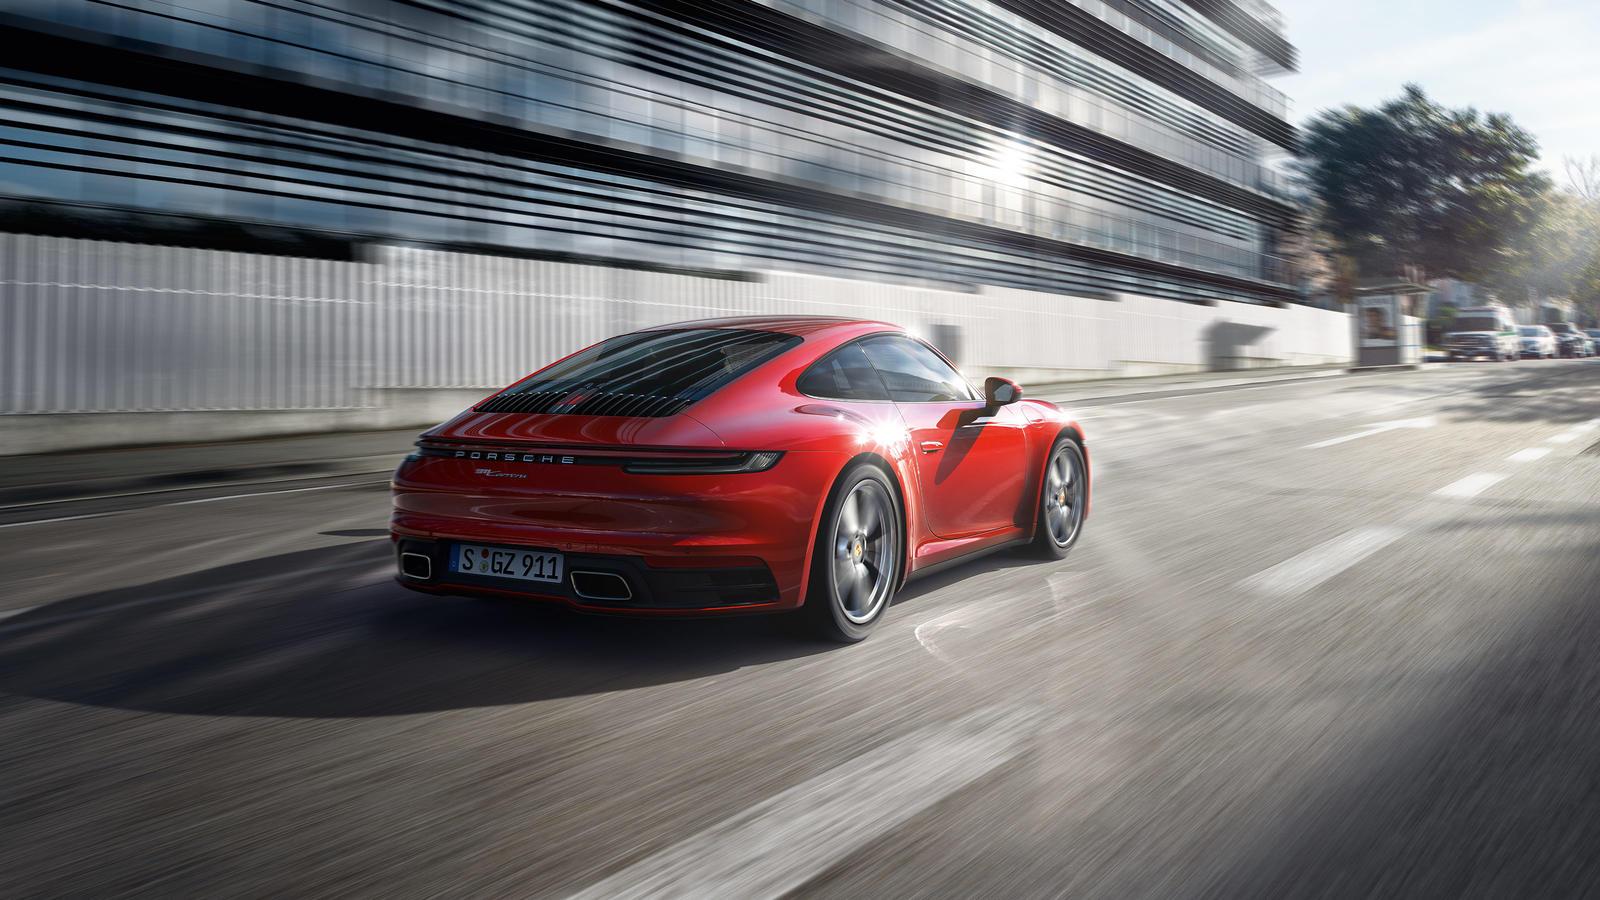 Porsche - 911 Carrera Coupe - Ajatu masin.